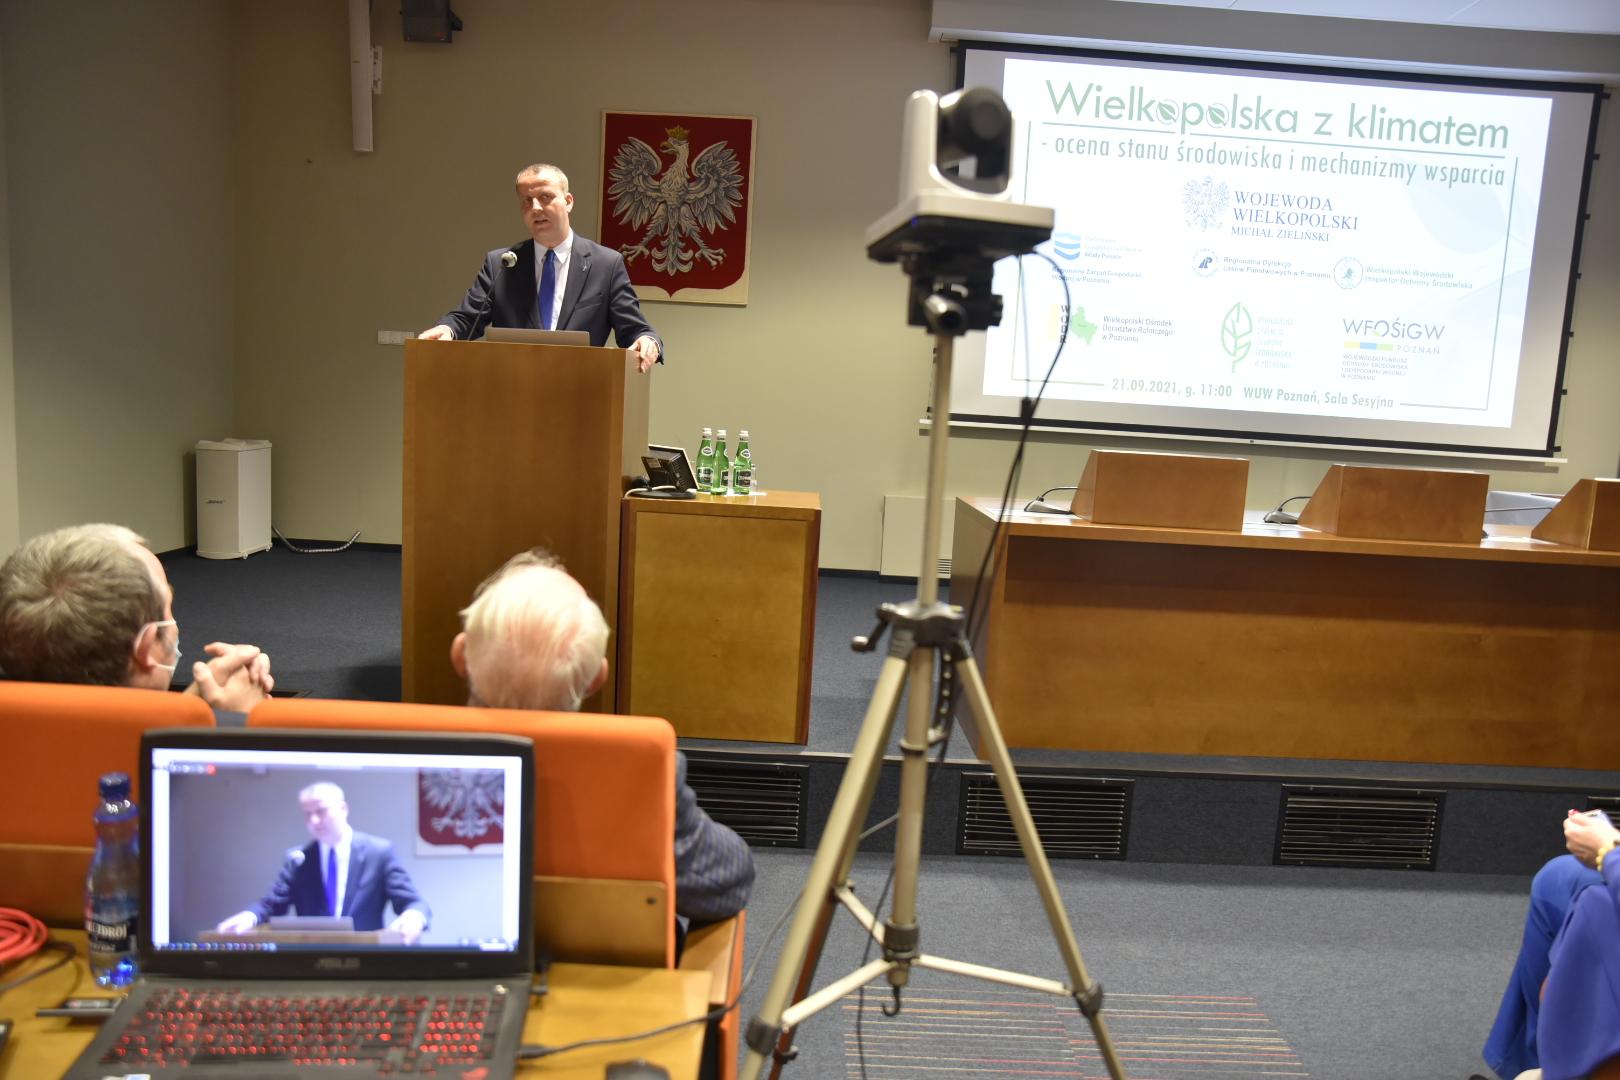 konferencja środowisko wojewoda - Wojtek Wardejn - Radio Poznań